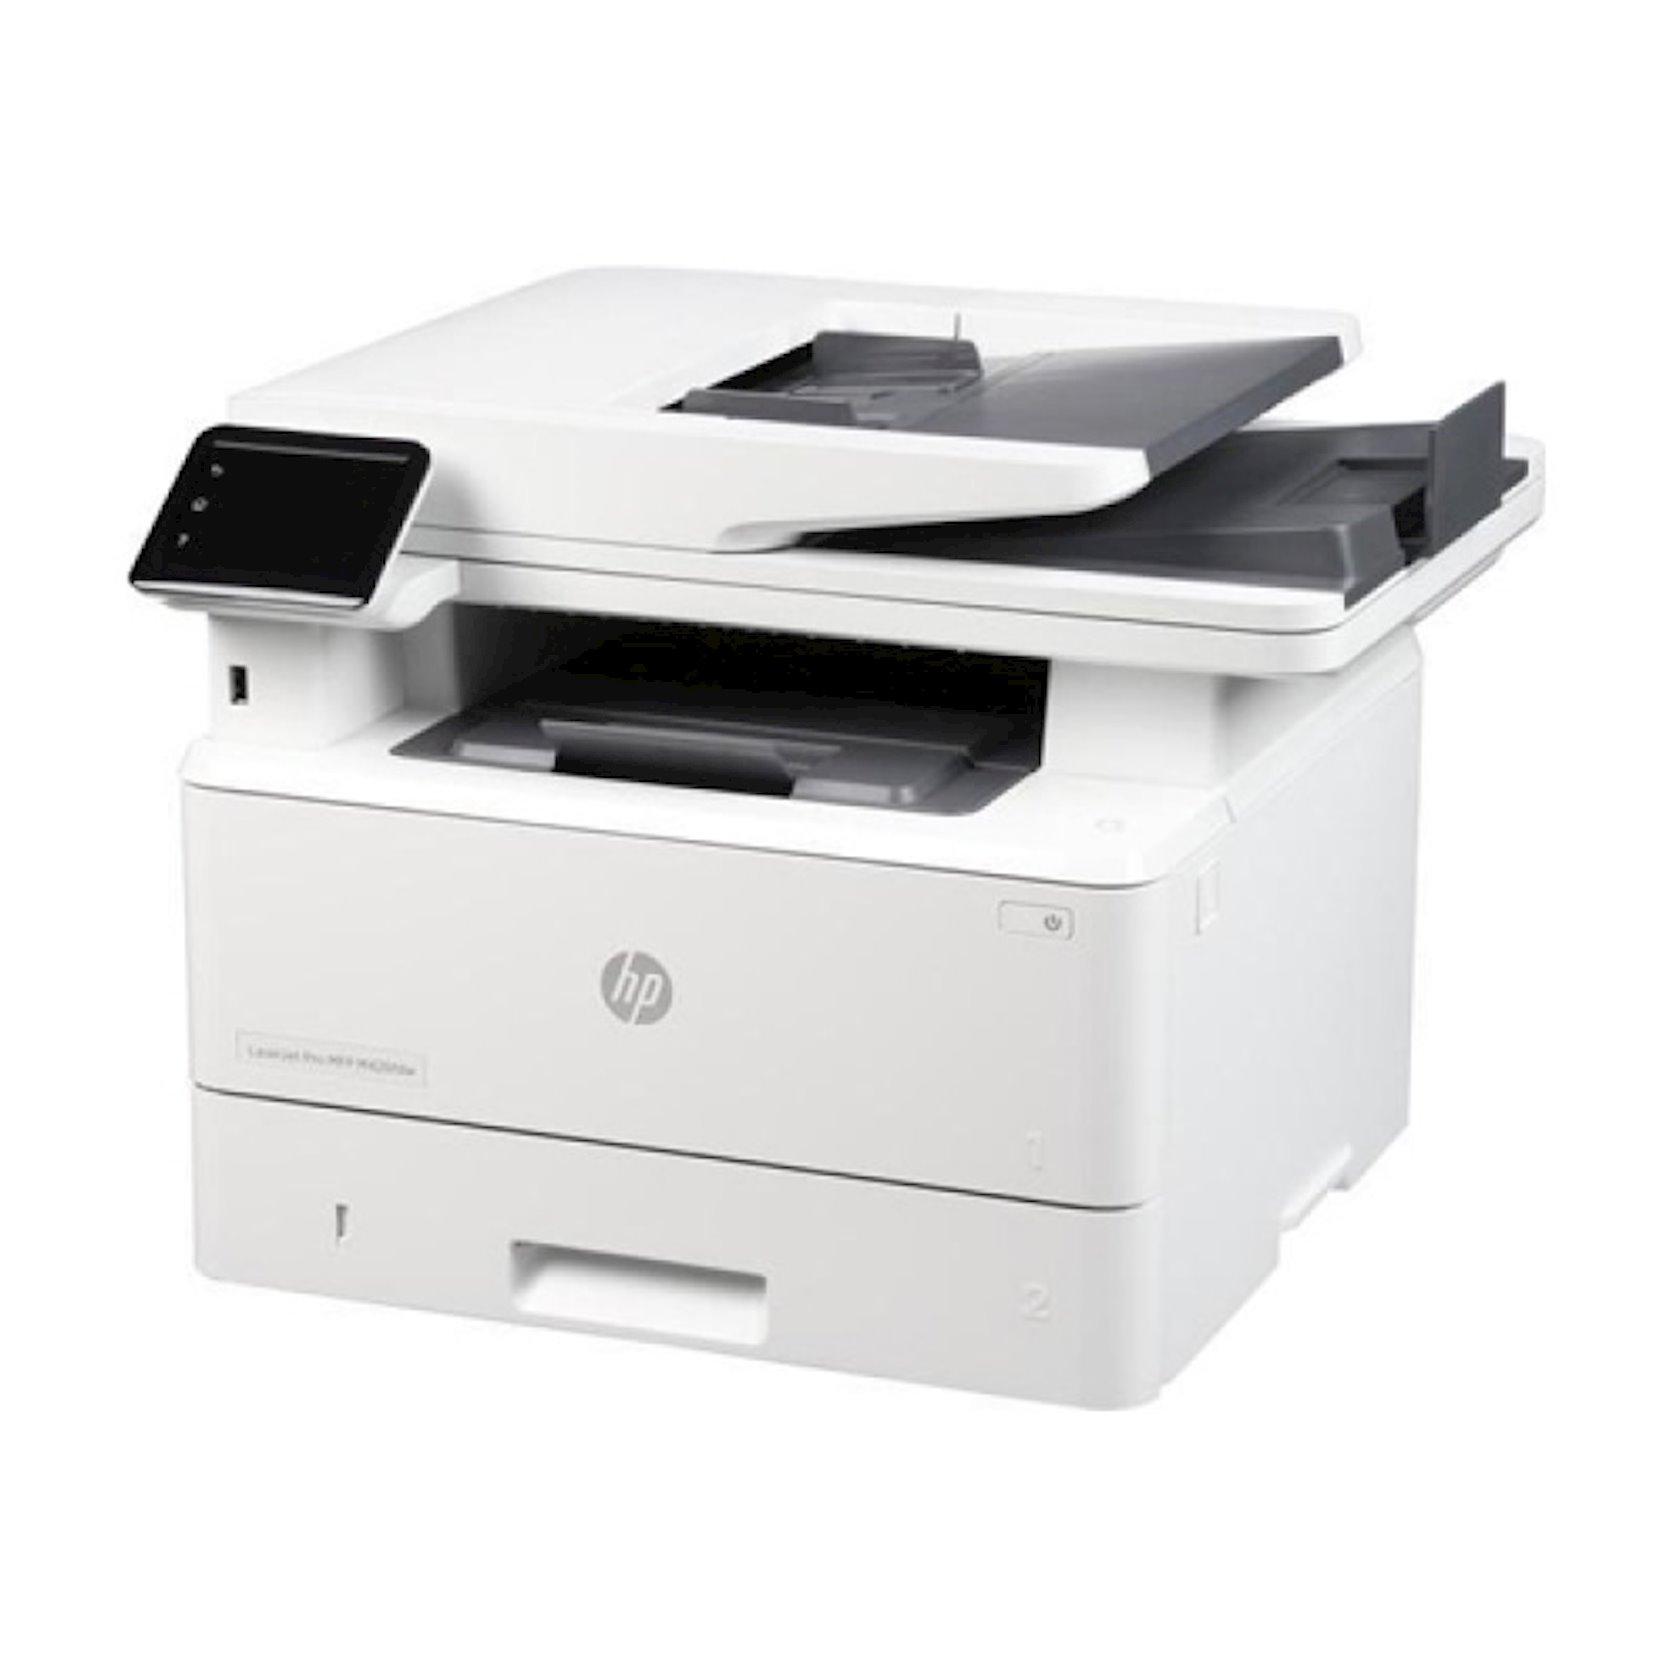 Ağ-qara lazerli ÇFQ HP LaserJet Pro MFP M426fdw